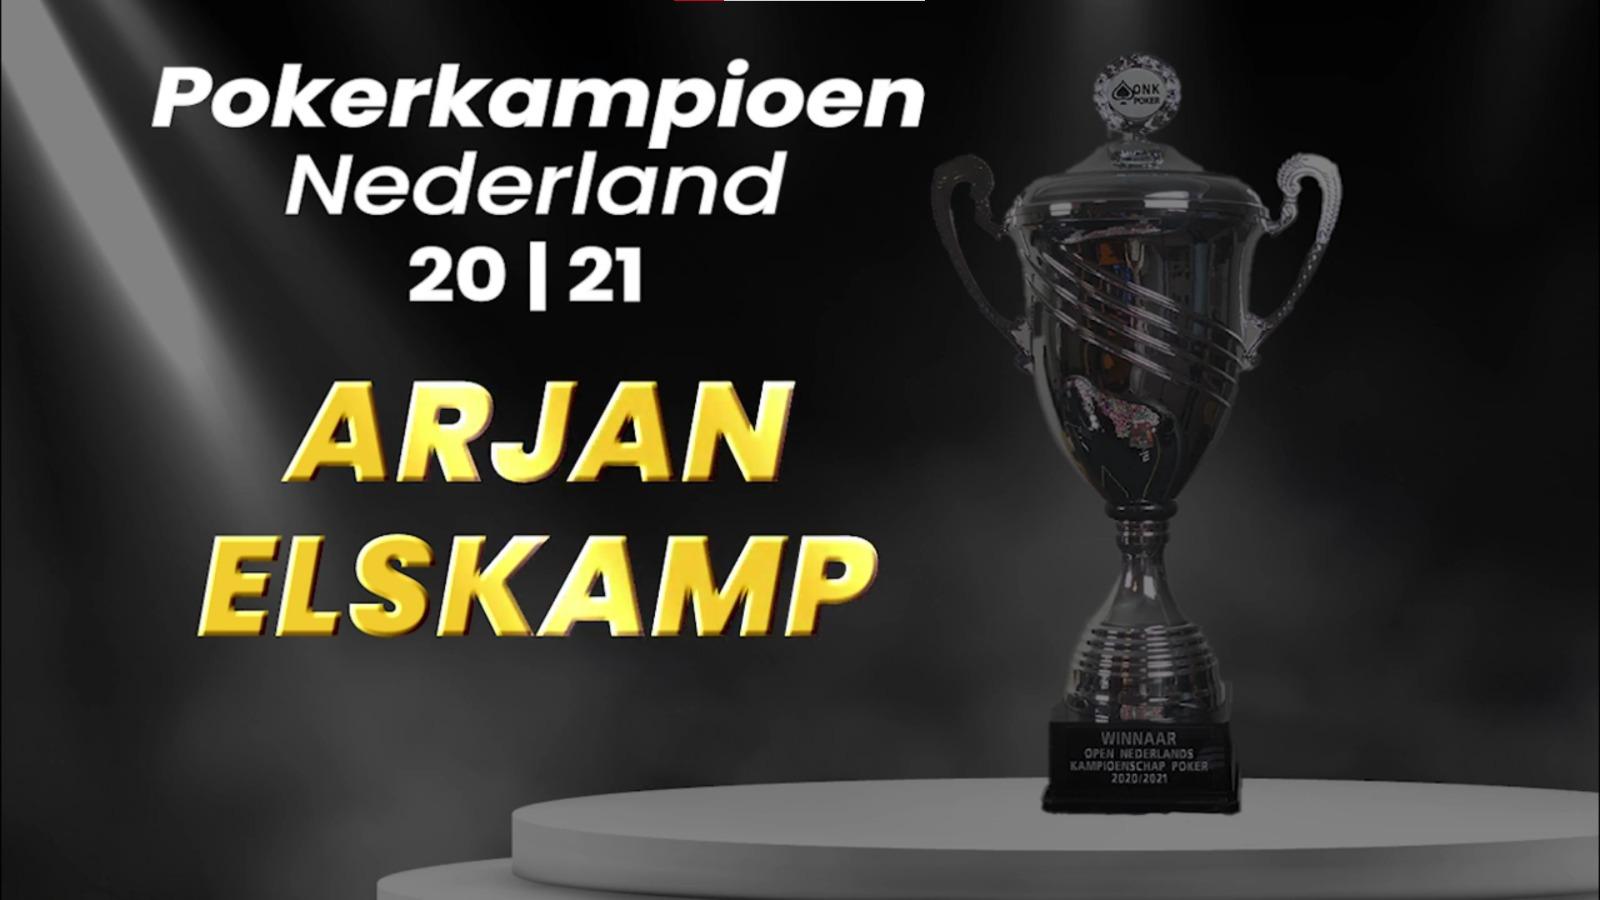 Arjan Elskamp